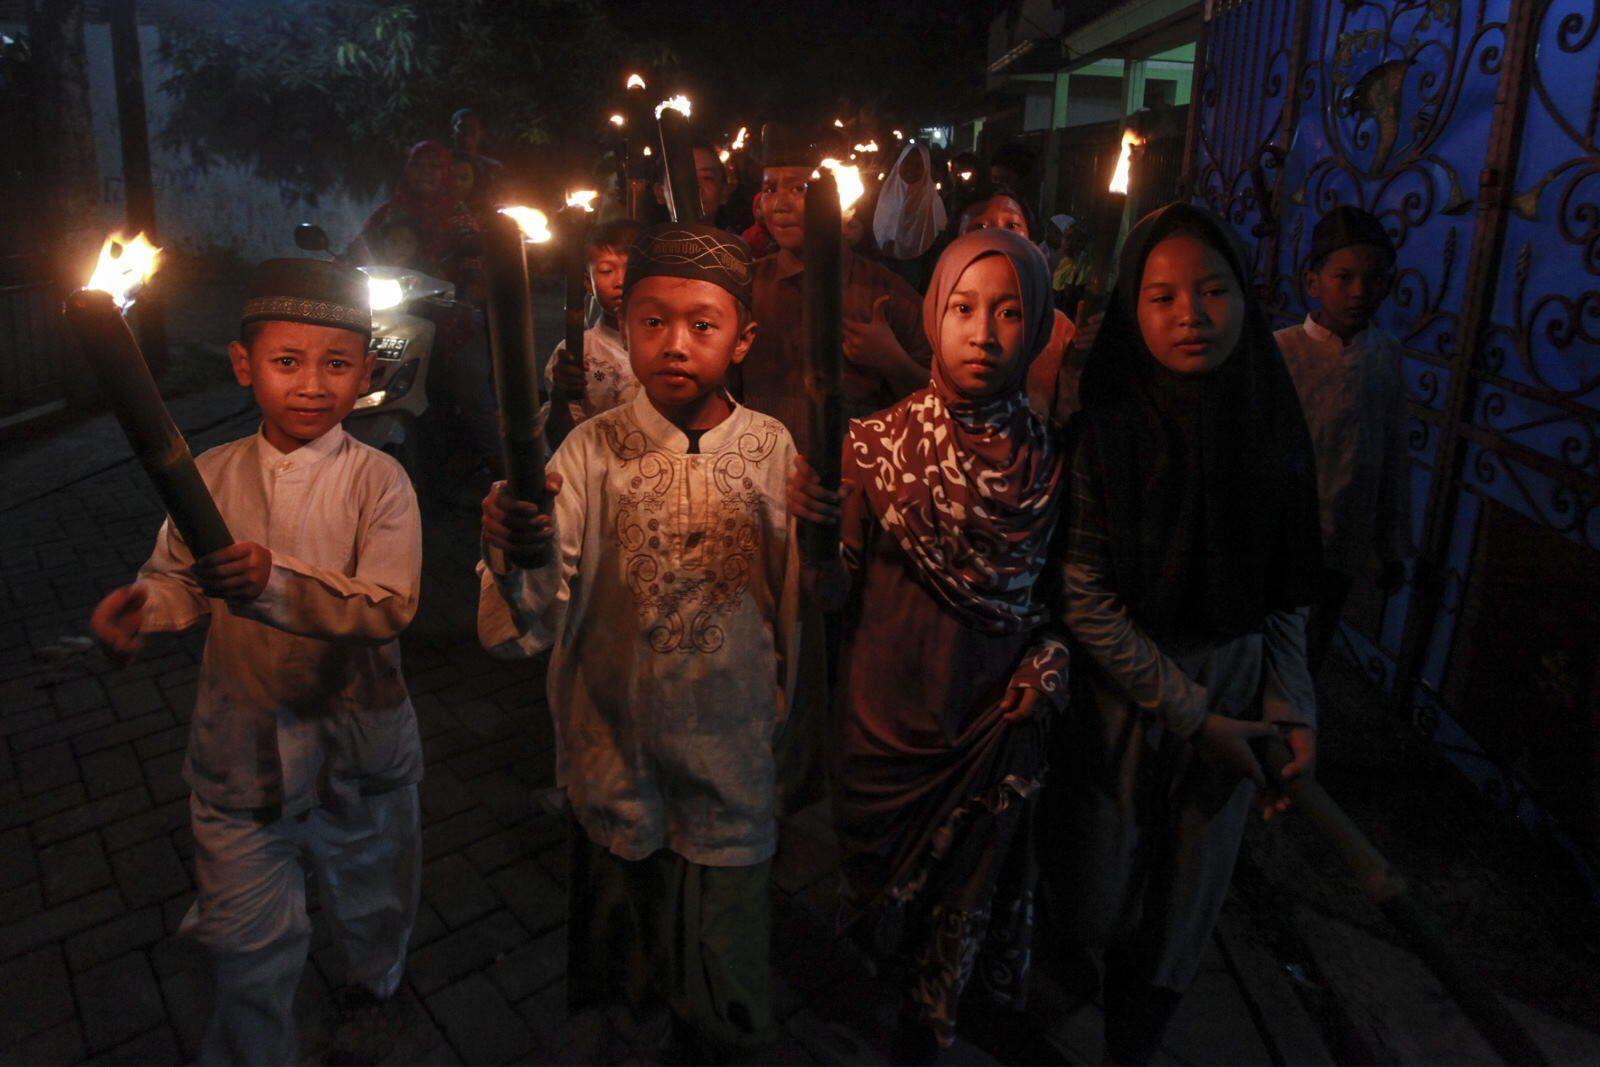 Cuma Ada di Indonesia, Ini 10 Tradisi Unik Menyambut Tahun Baru Islam